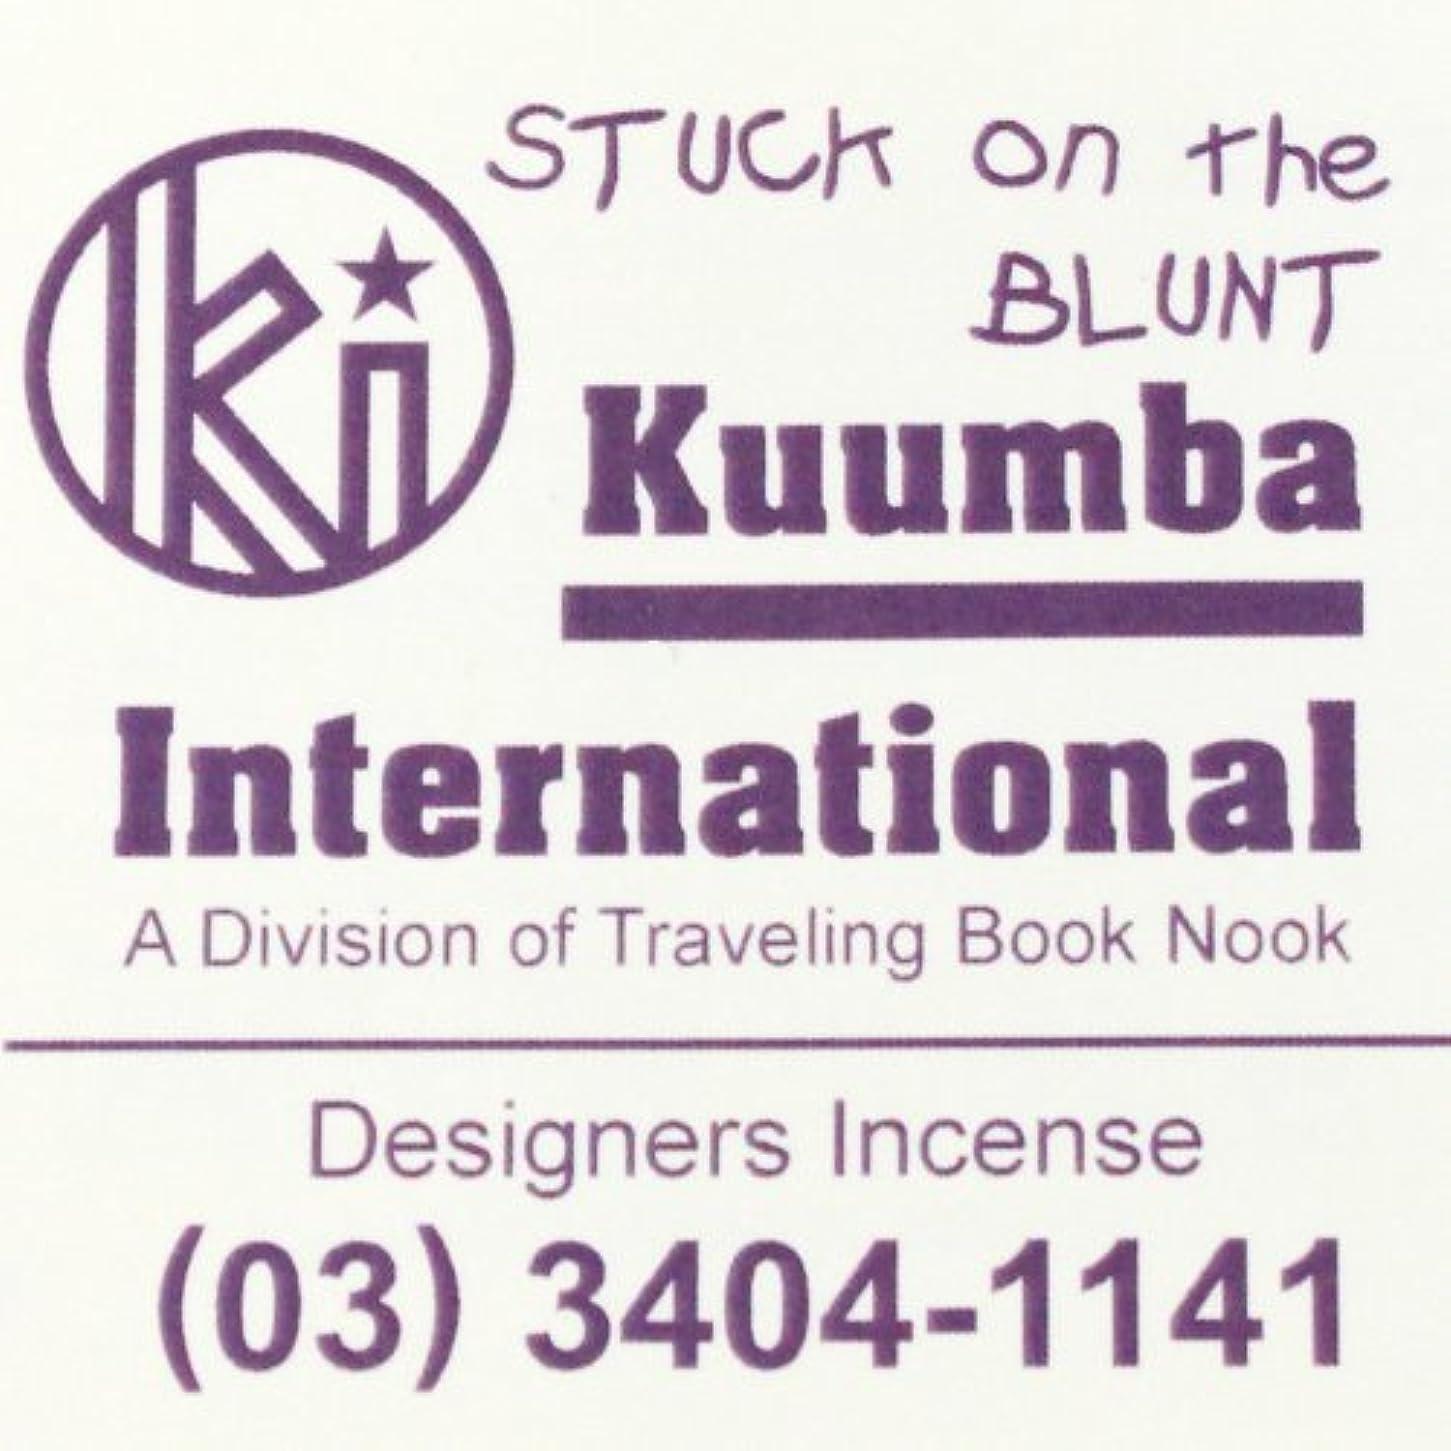 チチカカ湖入浴誇大妄想(クンバ) KUUMBA『incense』(STUCK on the BLUNT) (Regular size)